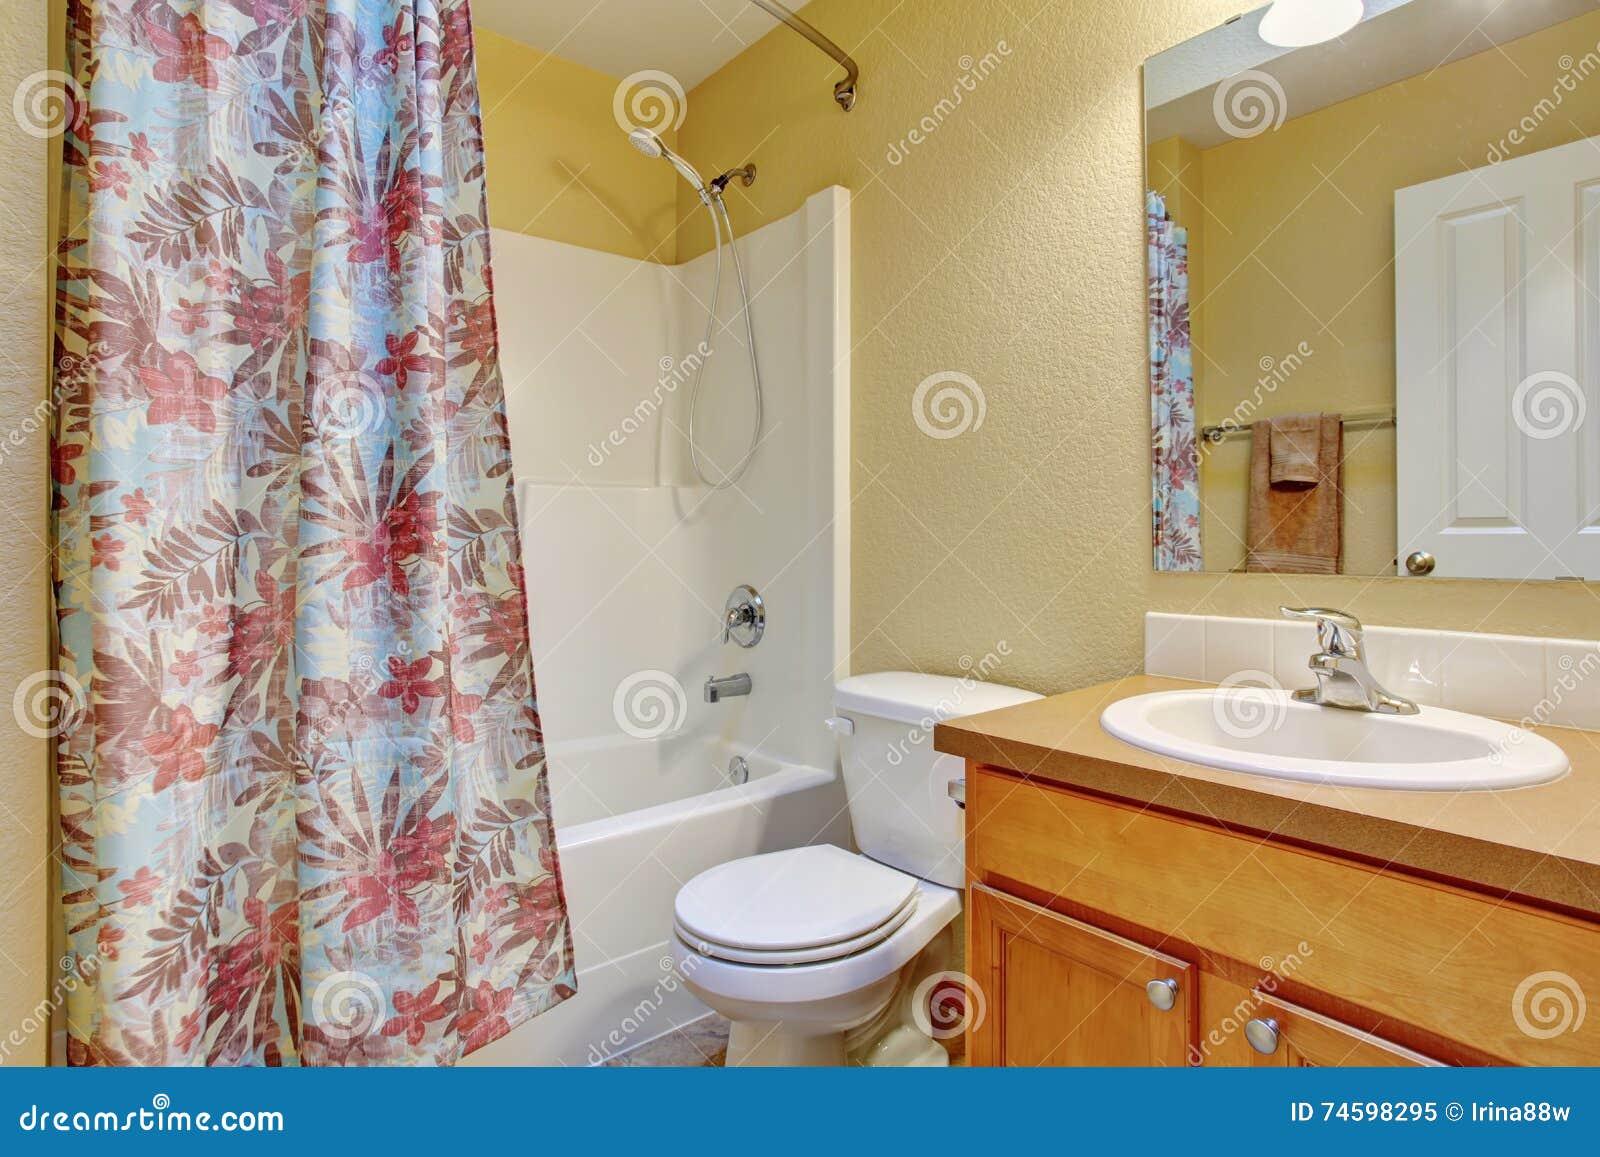 Toilette Da Bagno : Vasca da bagno toilette e lavandino bianchi interni del bagno